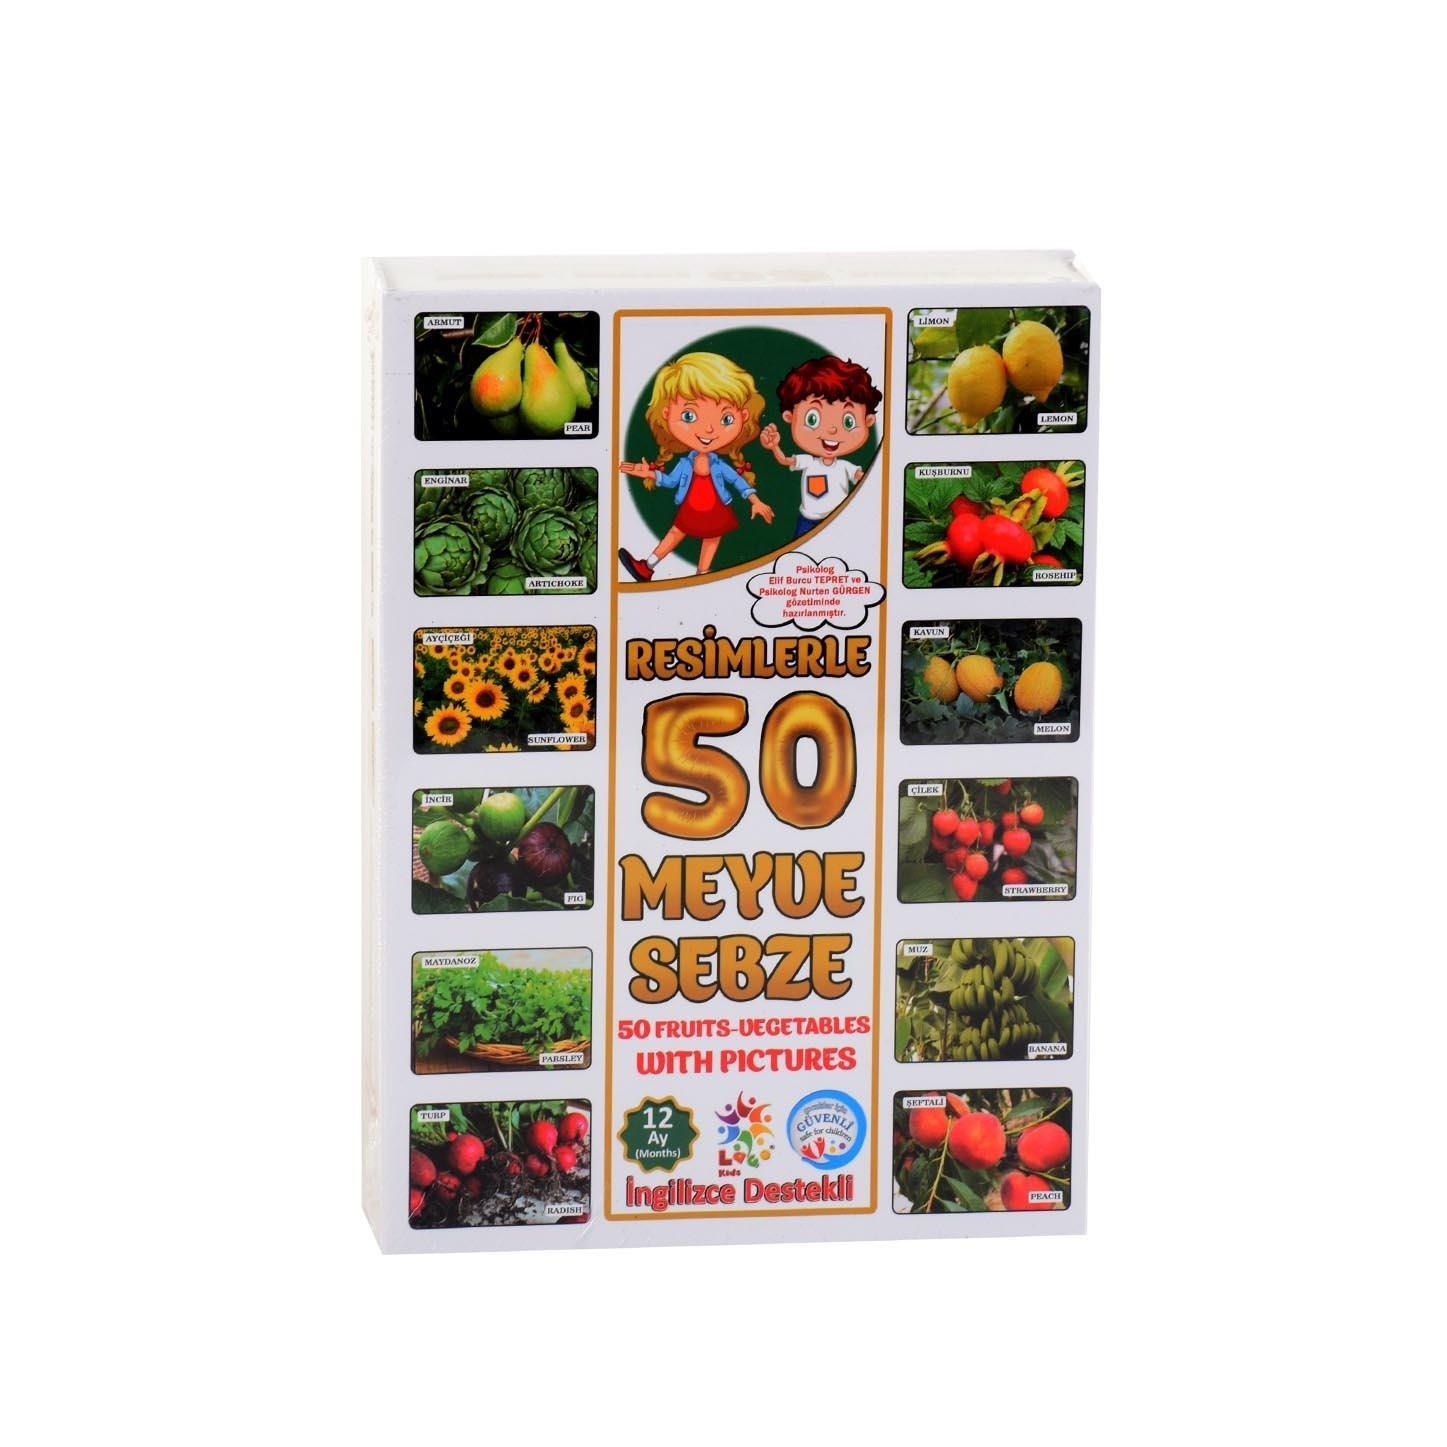 Loco Orijinal Lisansli Ilk 50 Meyve Sebze Turkce Ingilizce Ogren